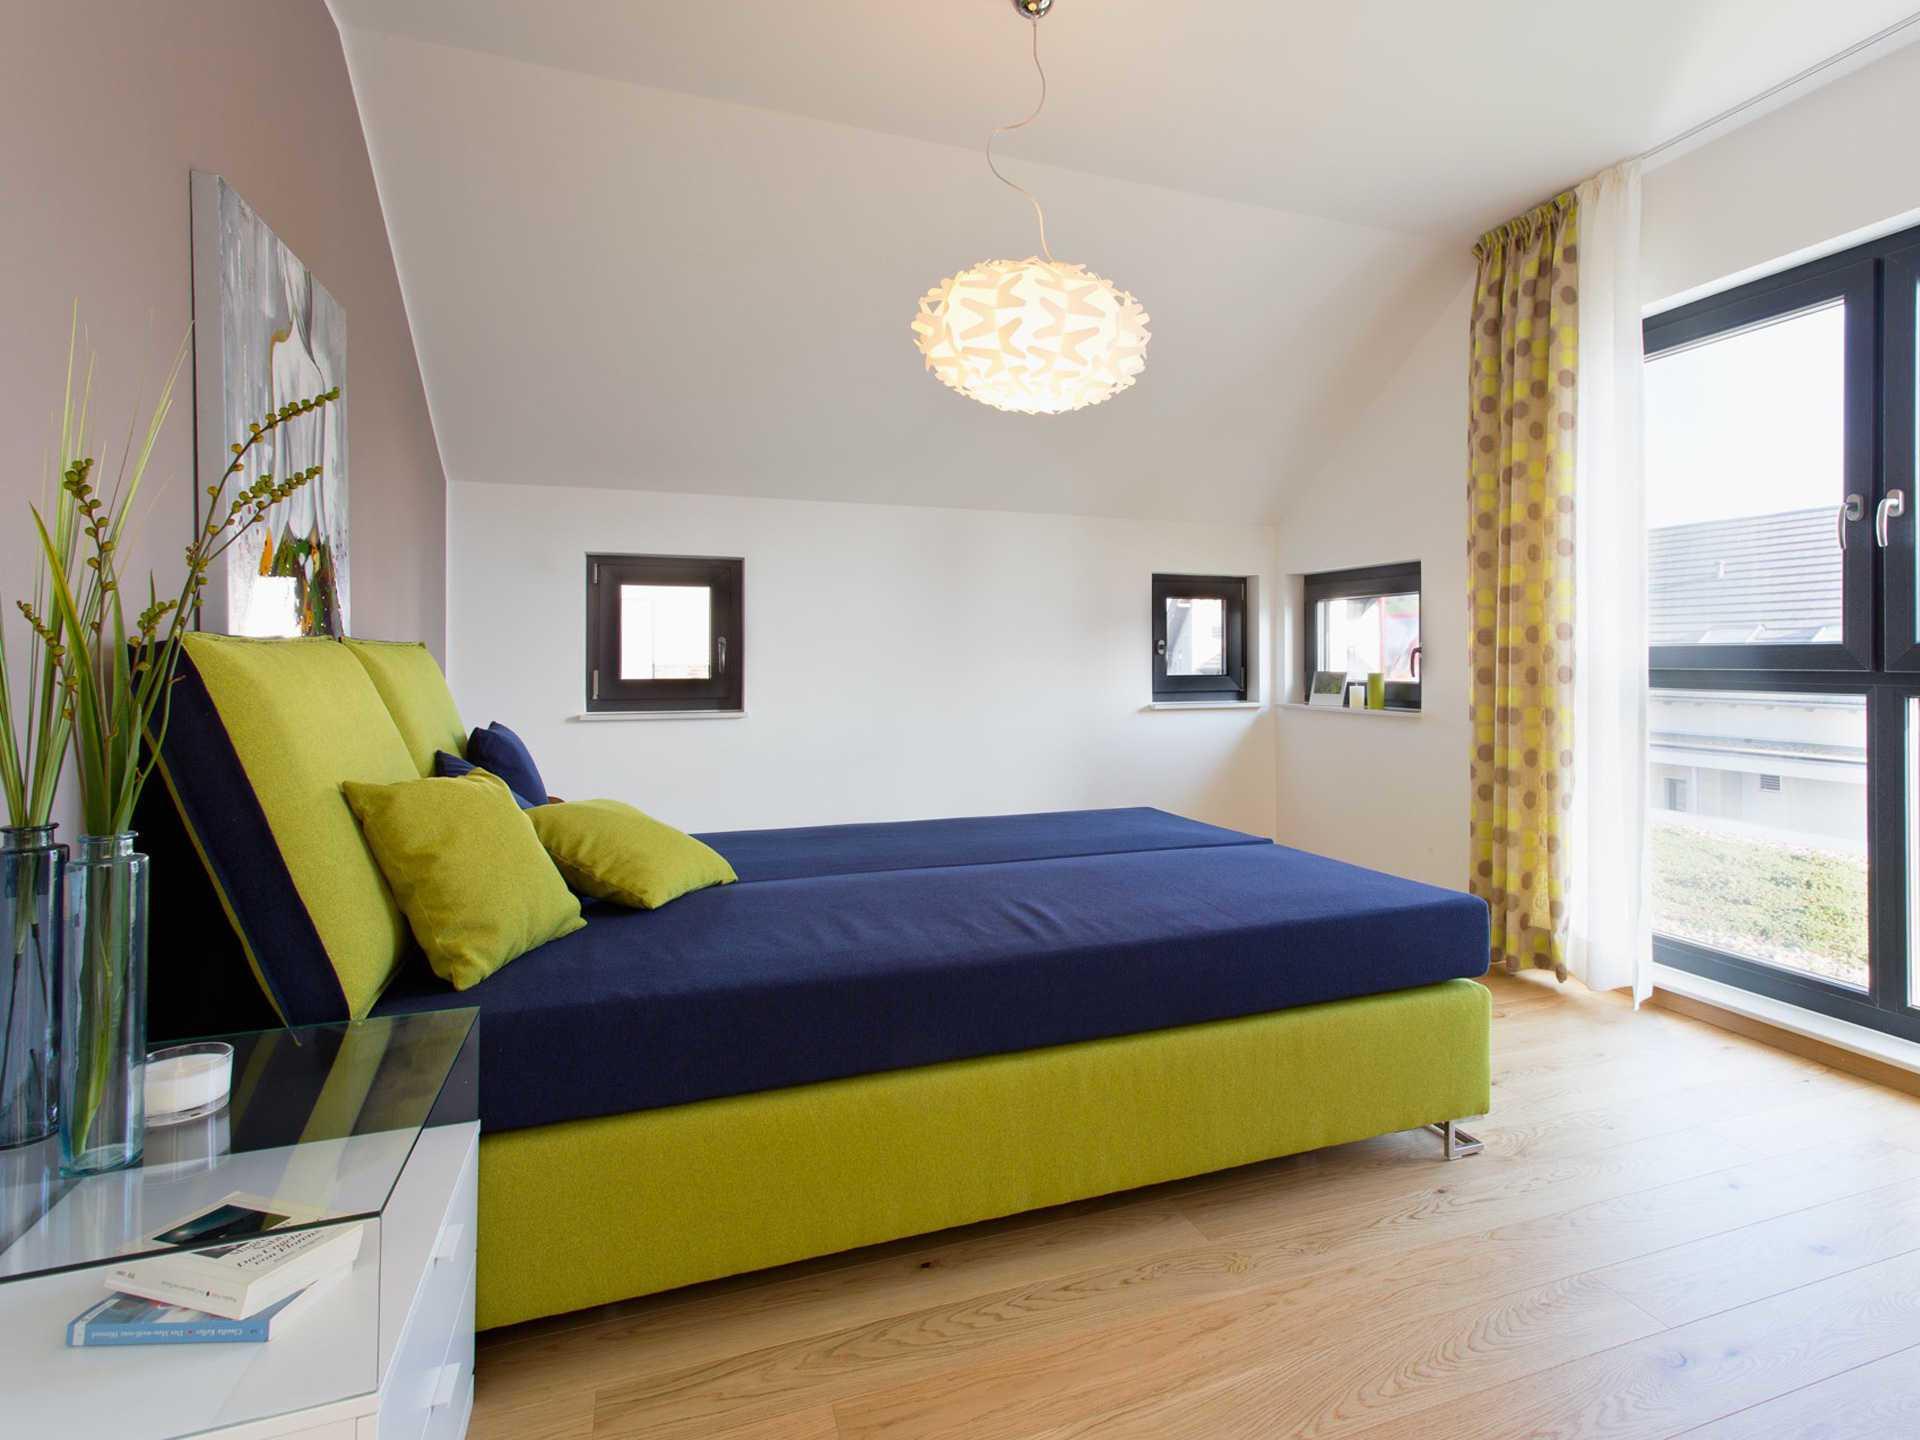 Einfamilienhaus R 140.20 Schlafzimmer